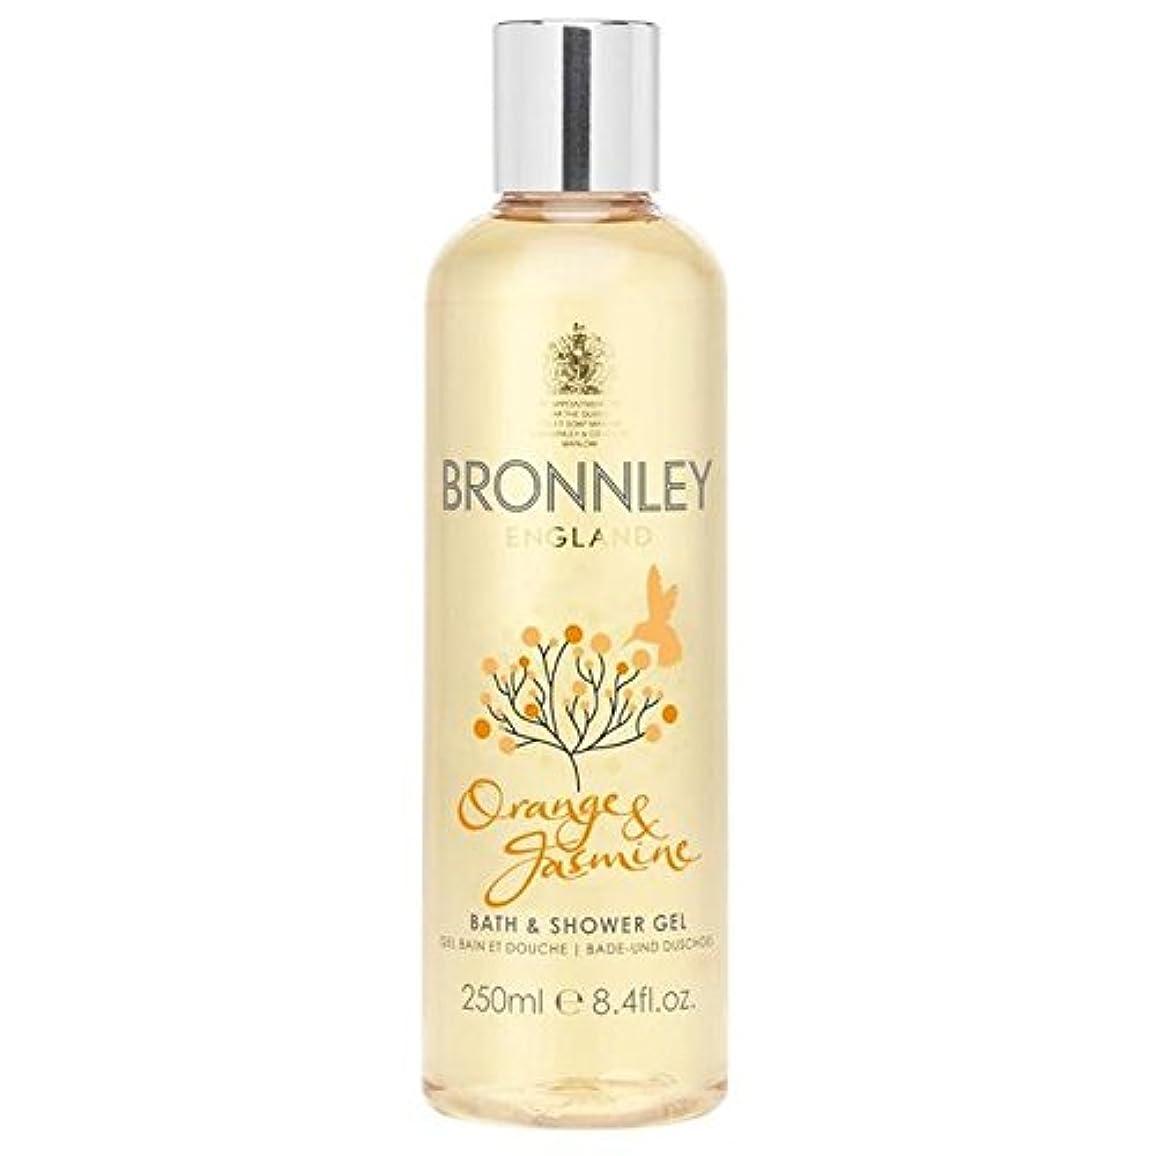 かかわらず滑り台戸棚Bronnley Orange & Jasmine Bath & Shower Gel 250ml - オレンジ&ジャスミンバス&シャワージェル250ミリリットル [並行輸入品]